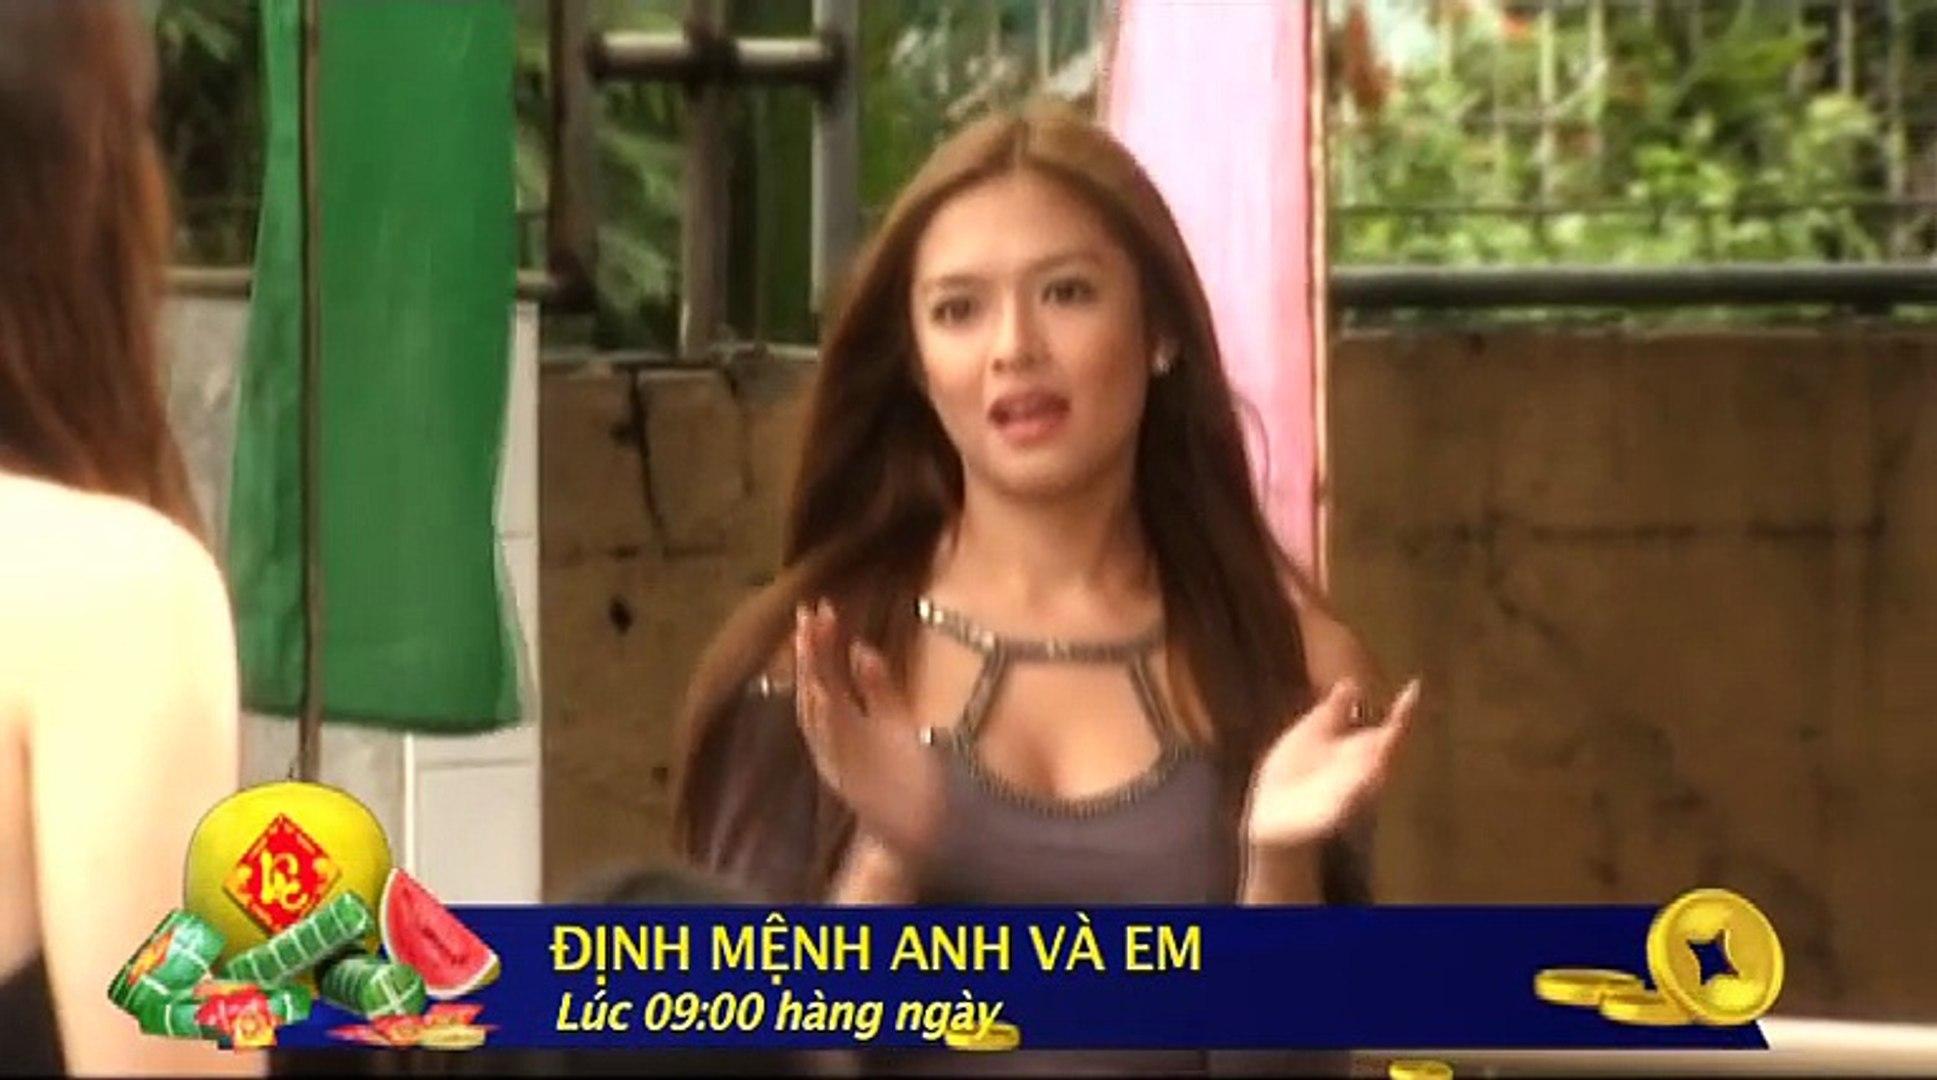 Phim Định mệnh anh yêu em trên SNTV